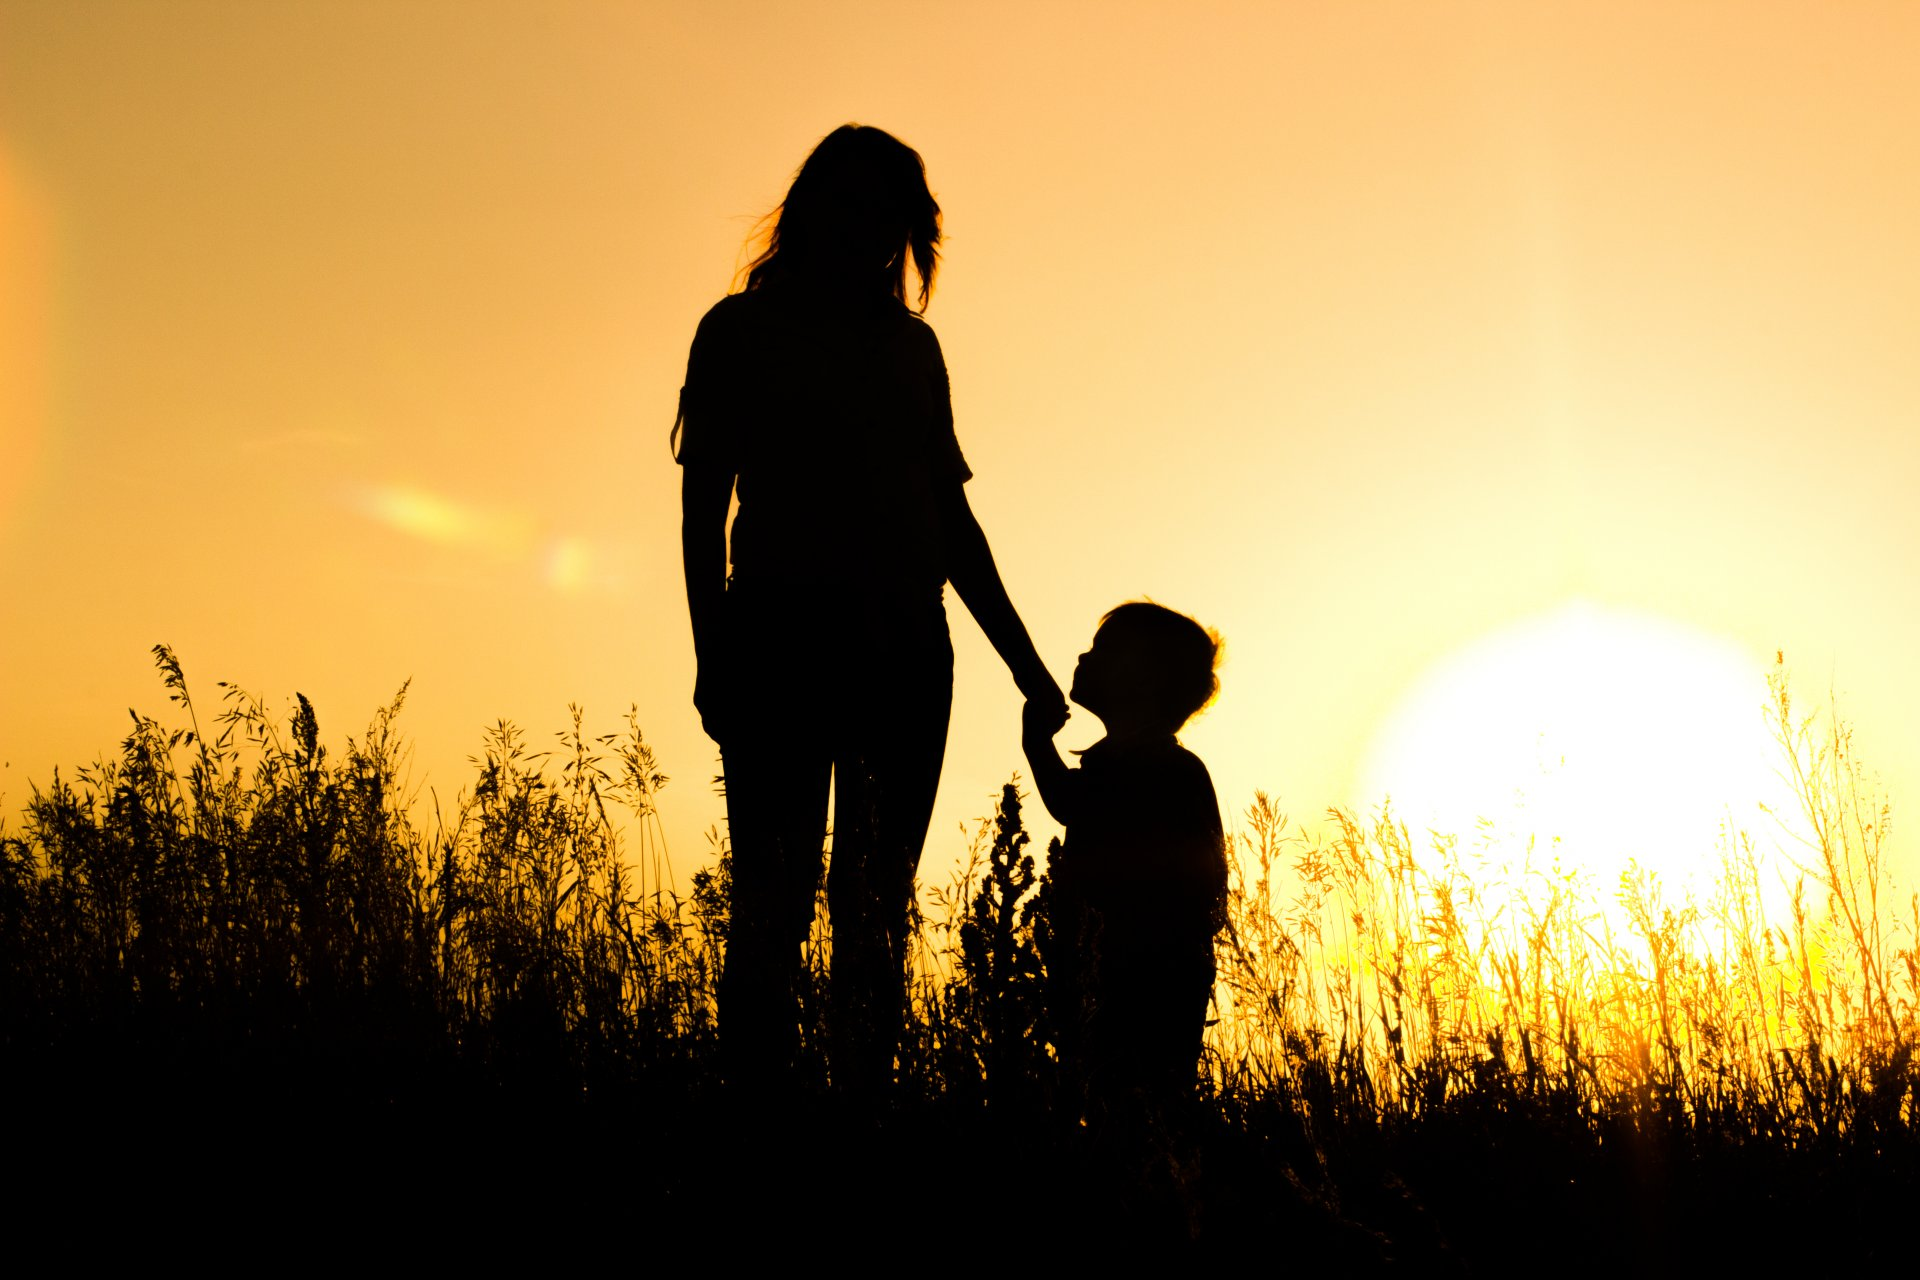 Фото мама с ребенком в тени